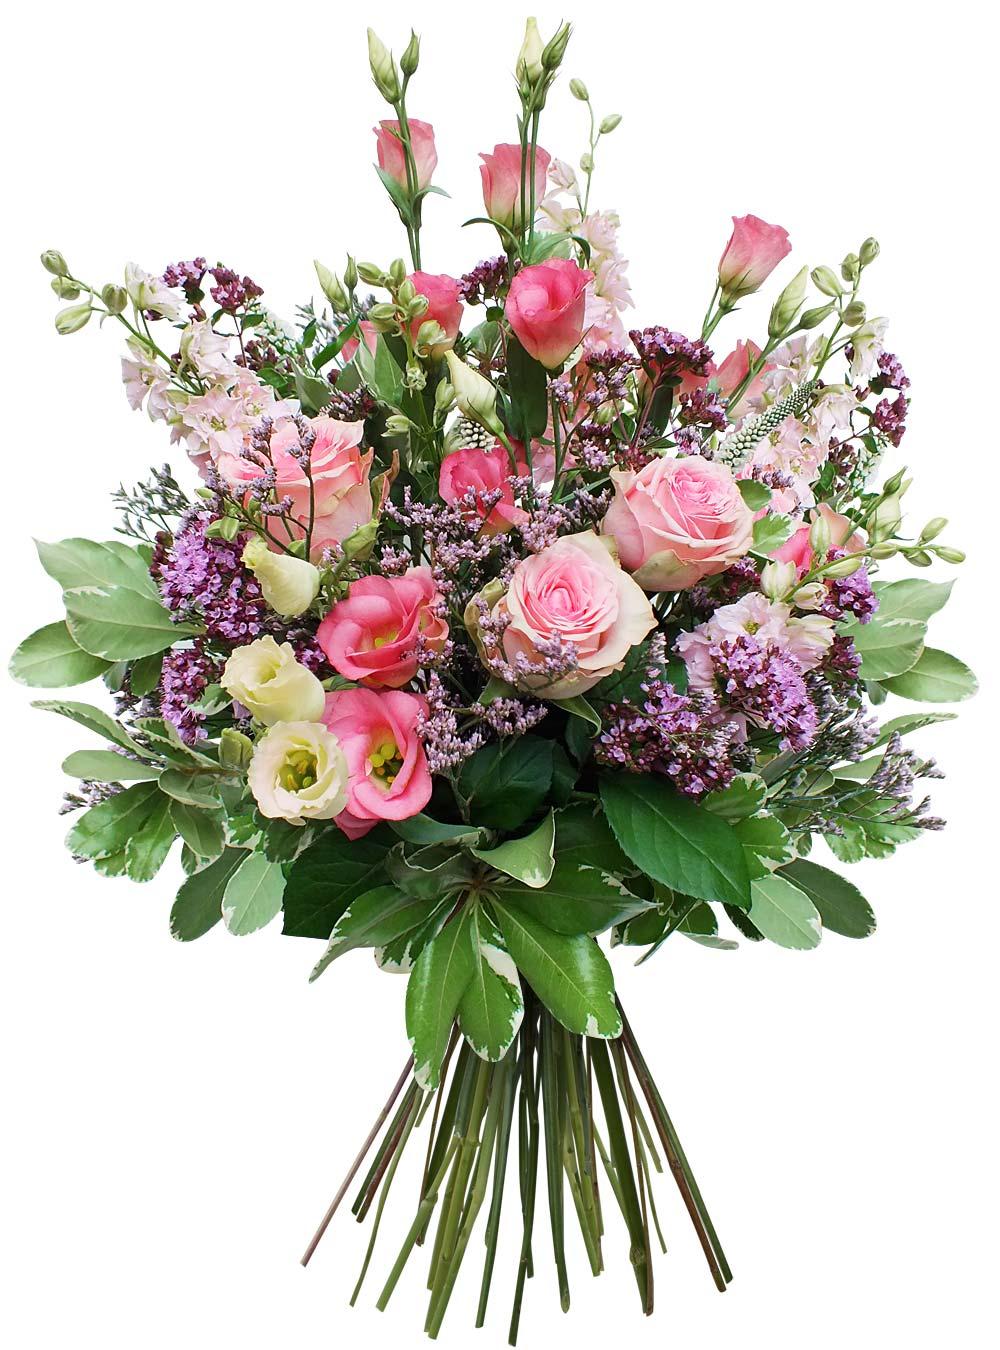 Les fleurs du fleuriste bouquet v rano for Bouquet de fleurs 123